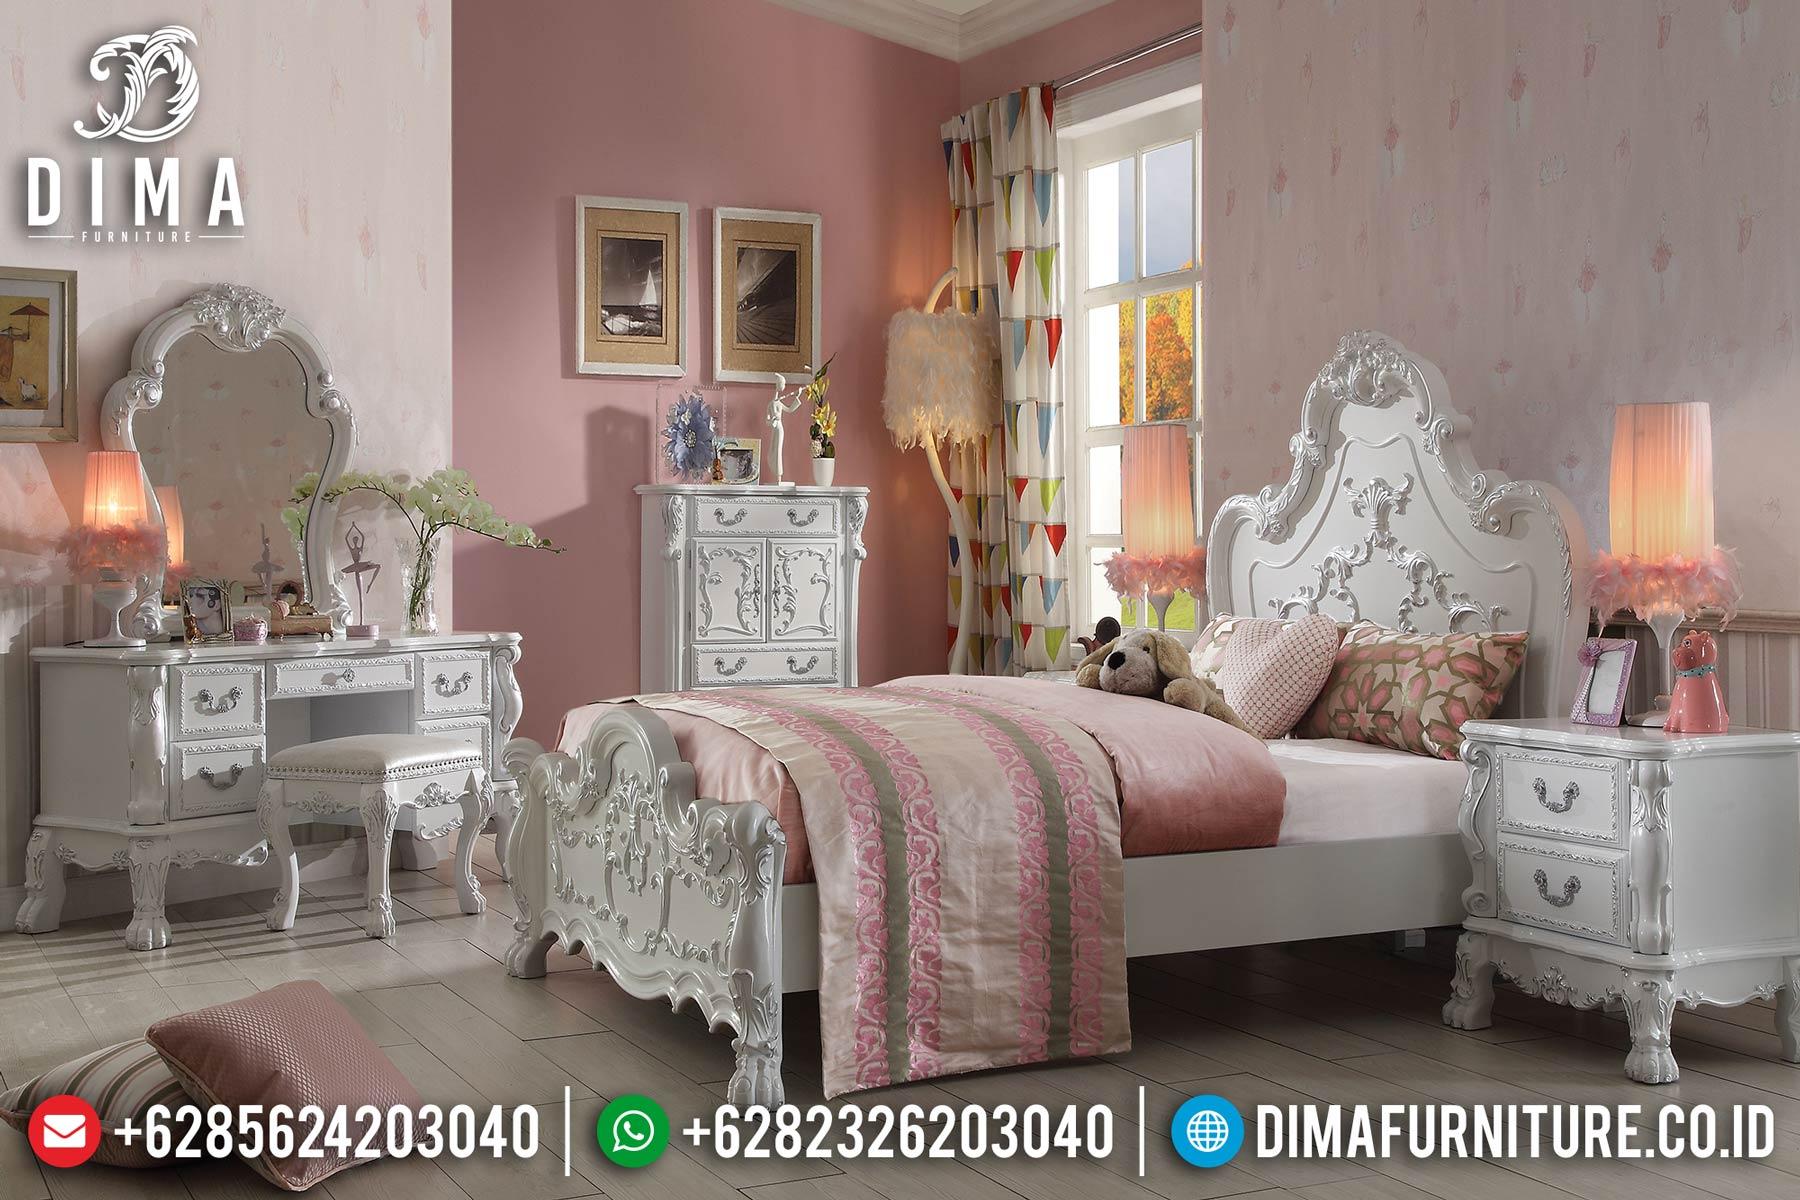 Set Kamar Tidur Mewah Jepara, Tempat Tidur Ukiran Klasik, Kamar Set Mewah DF-0462 Gambar 1